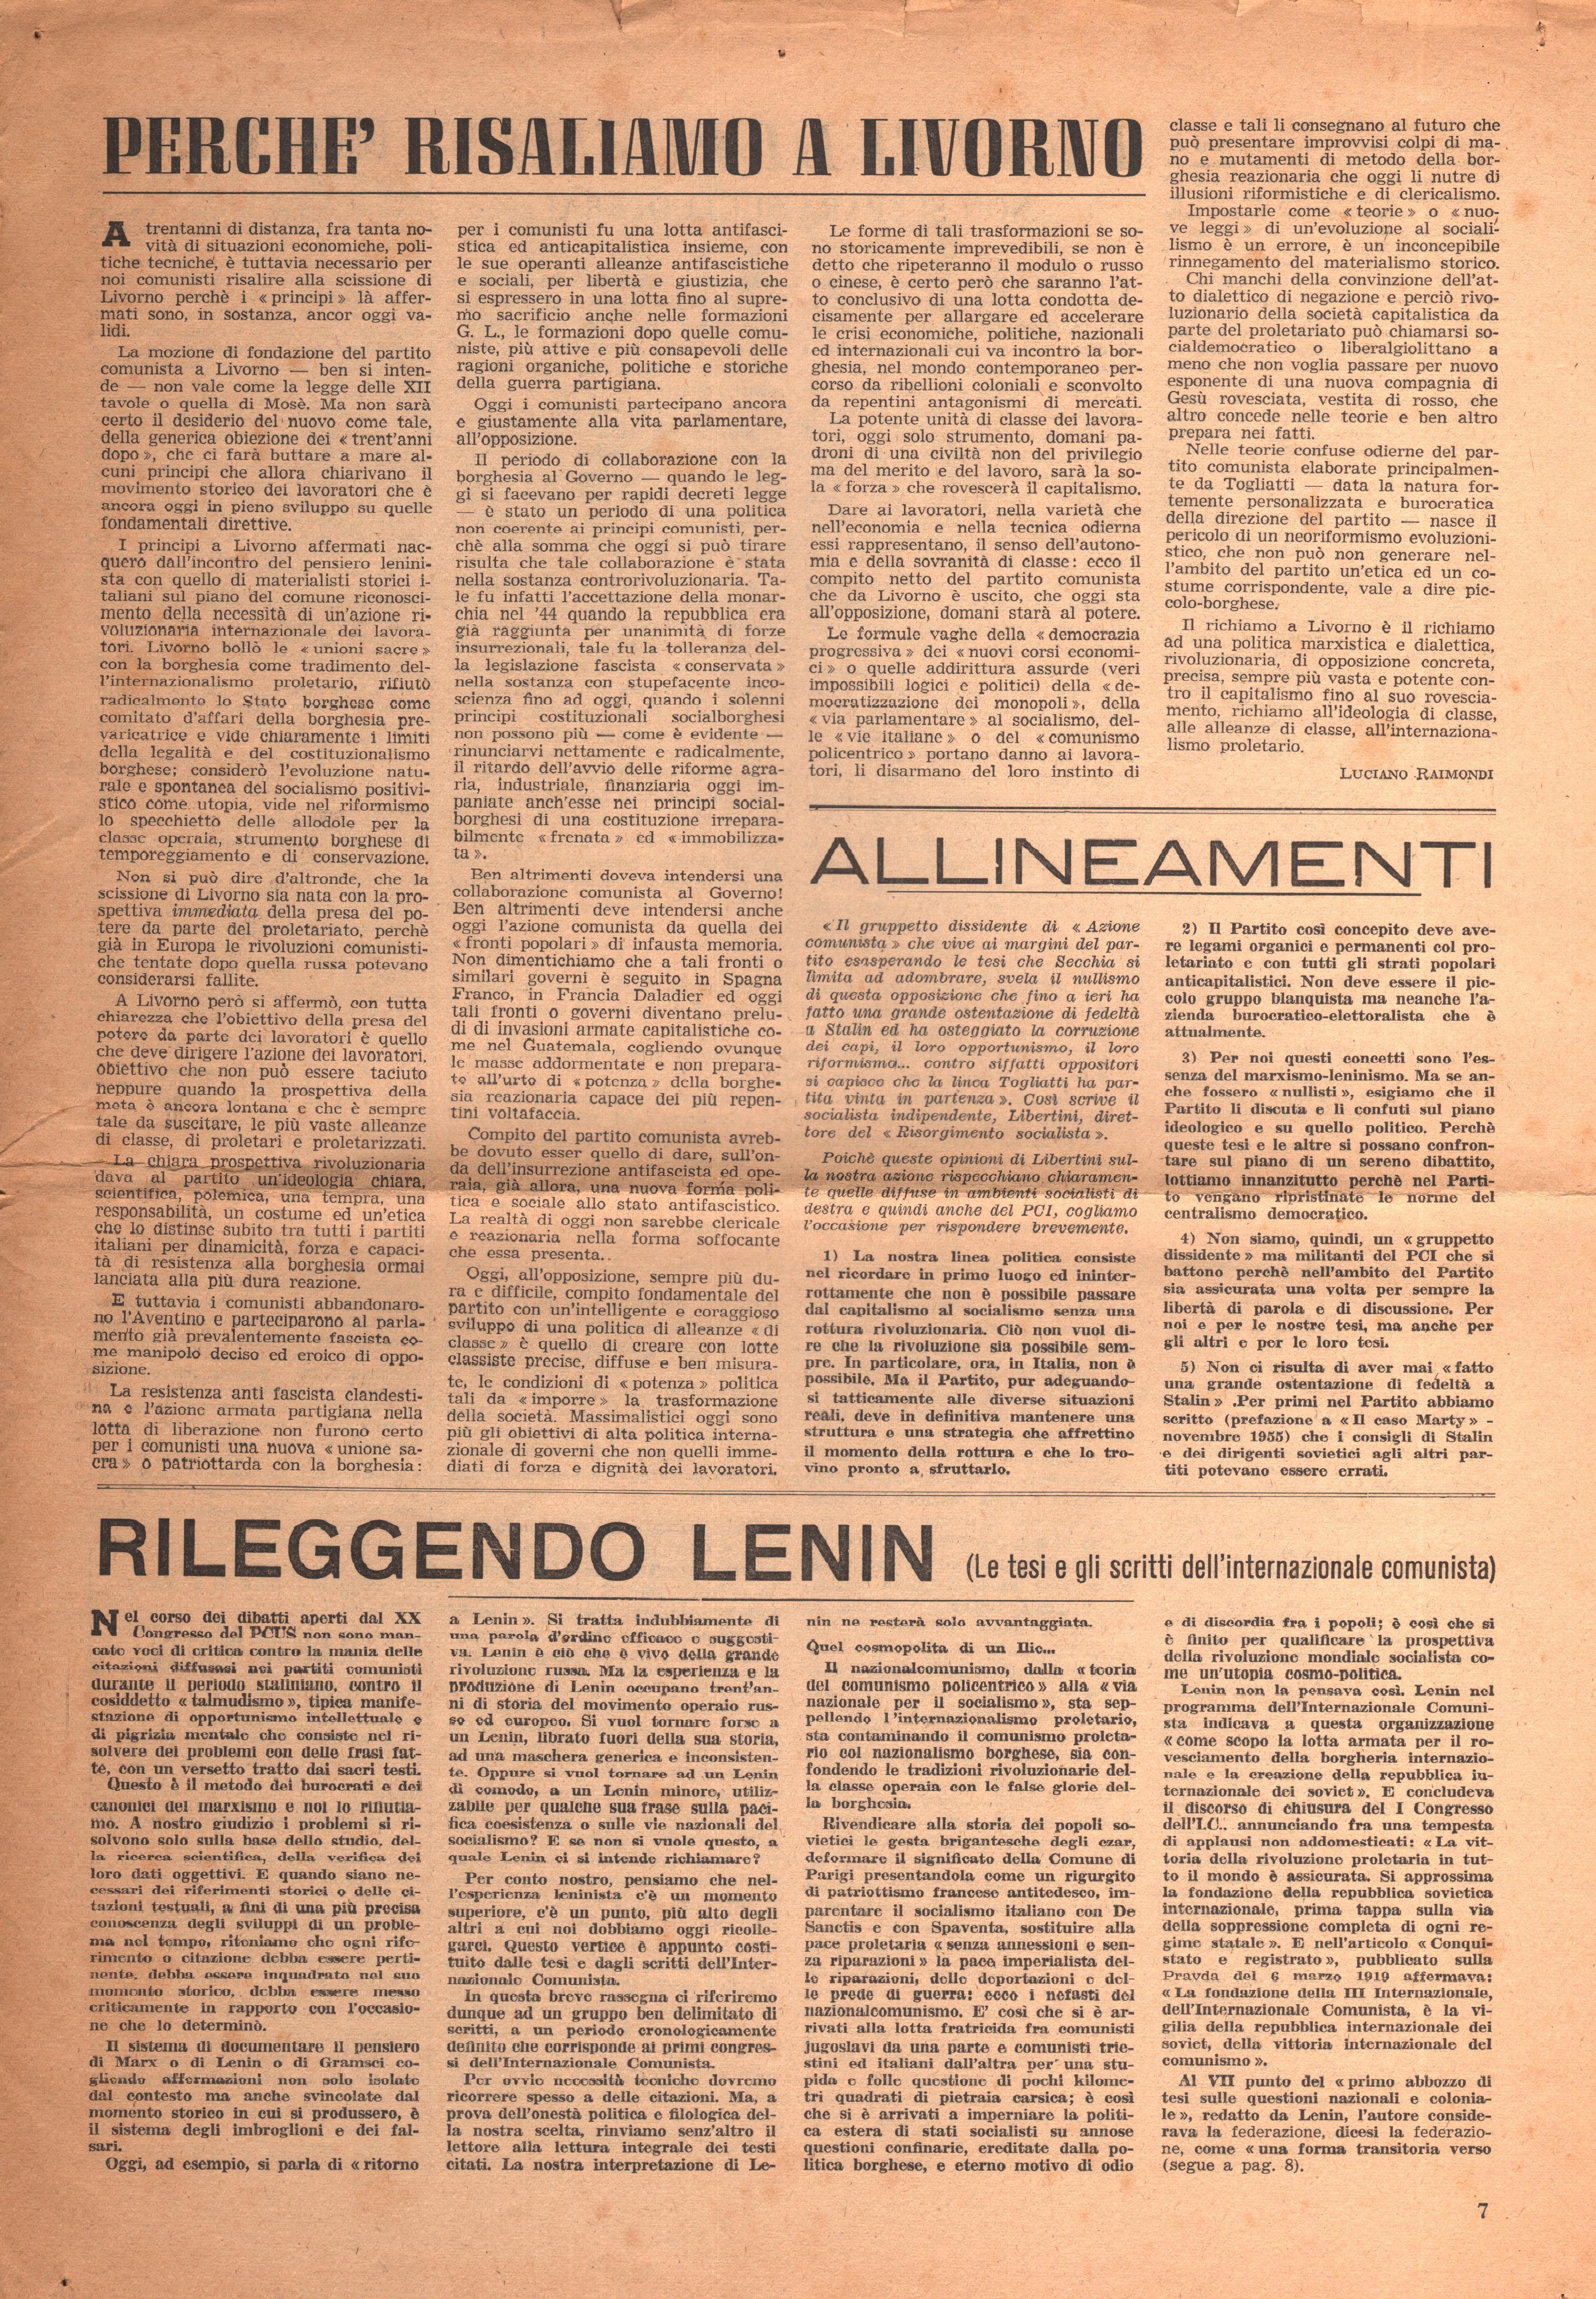 Per una Azione Comunista n. 2 - pag. 7